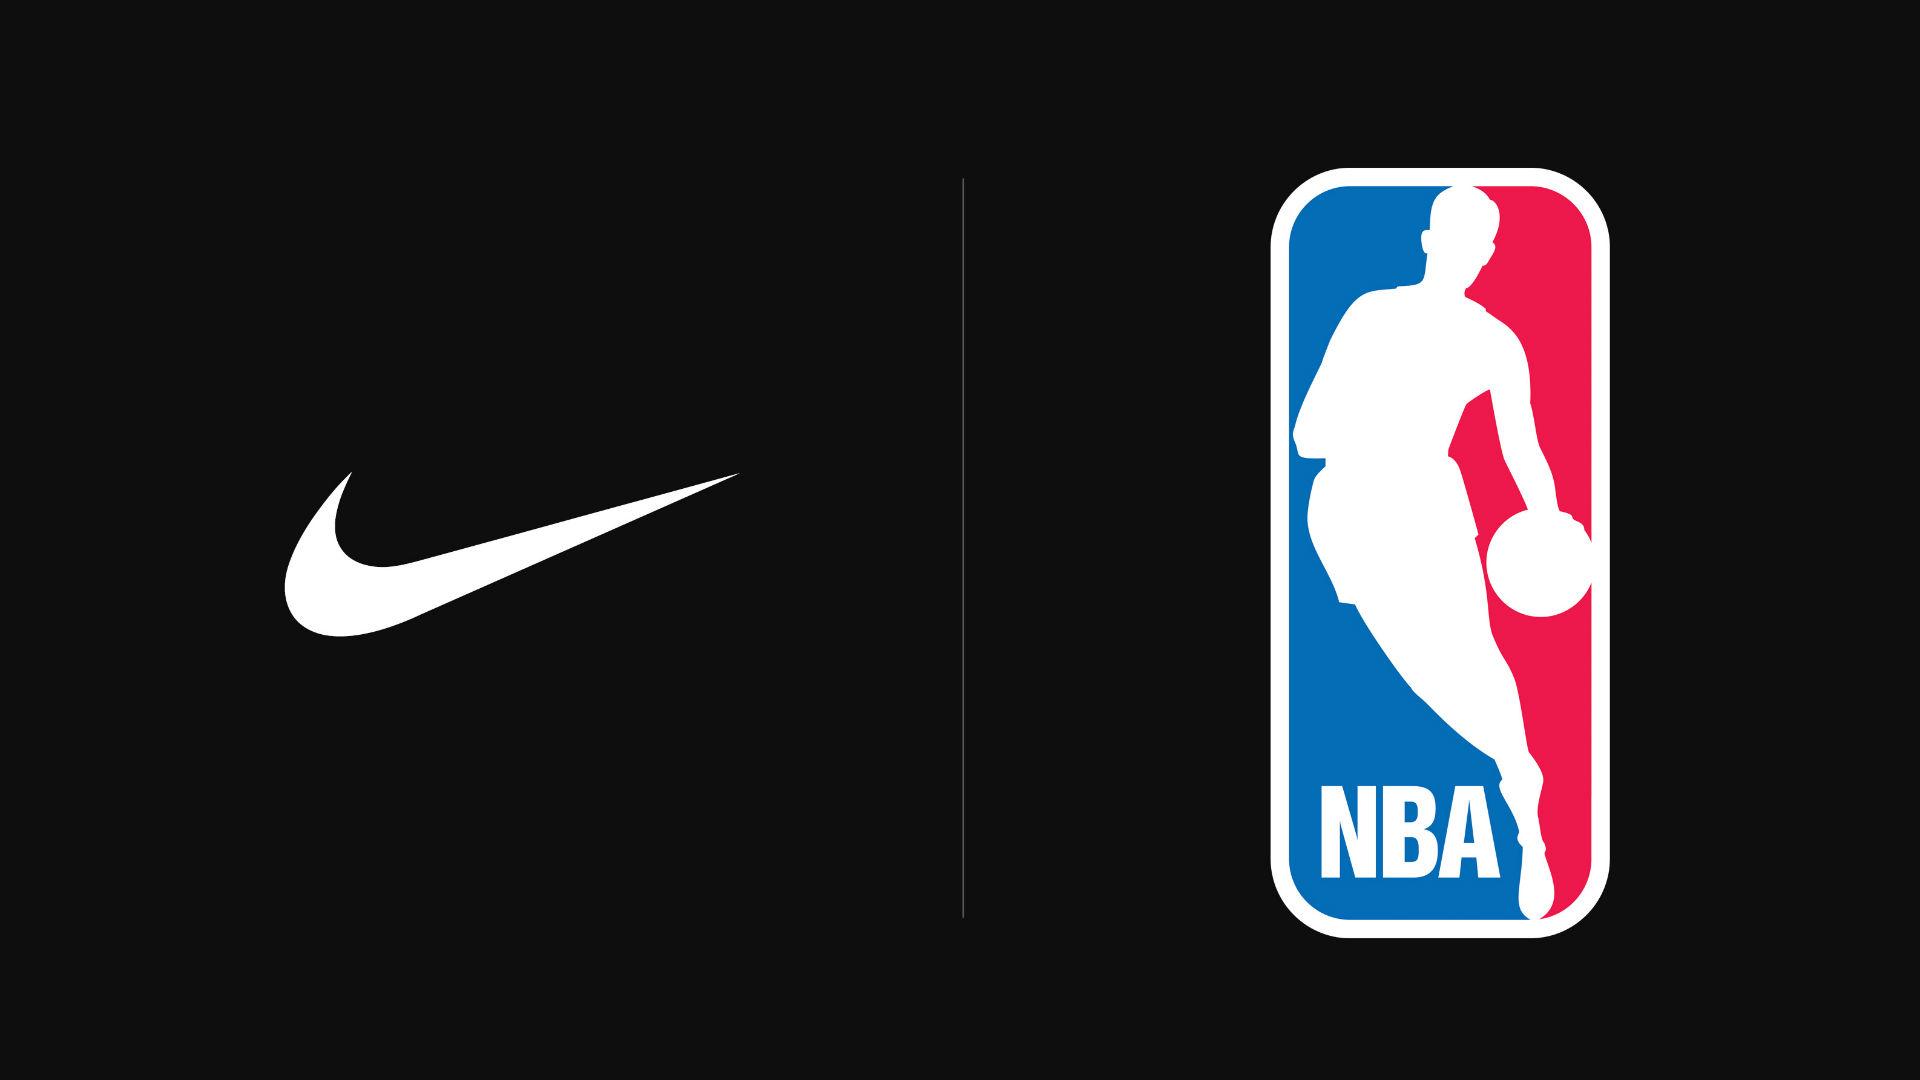 Nike-NBA-Contract-061115-FTR.jpg